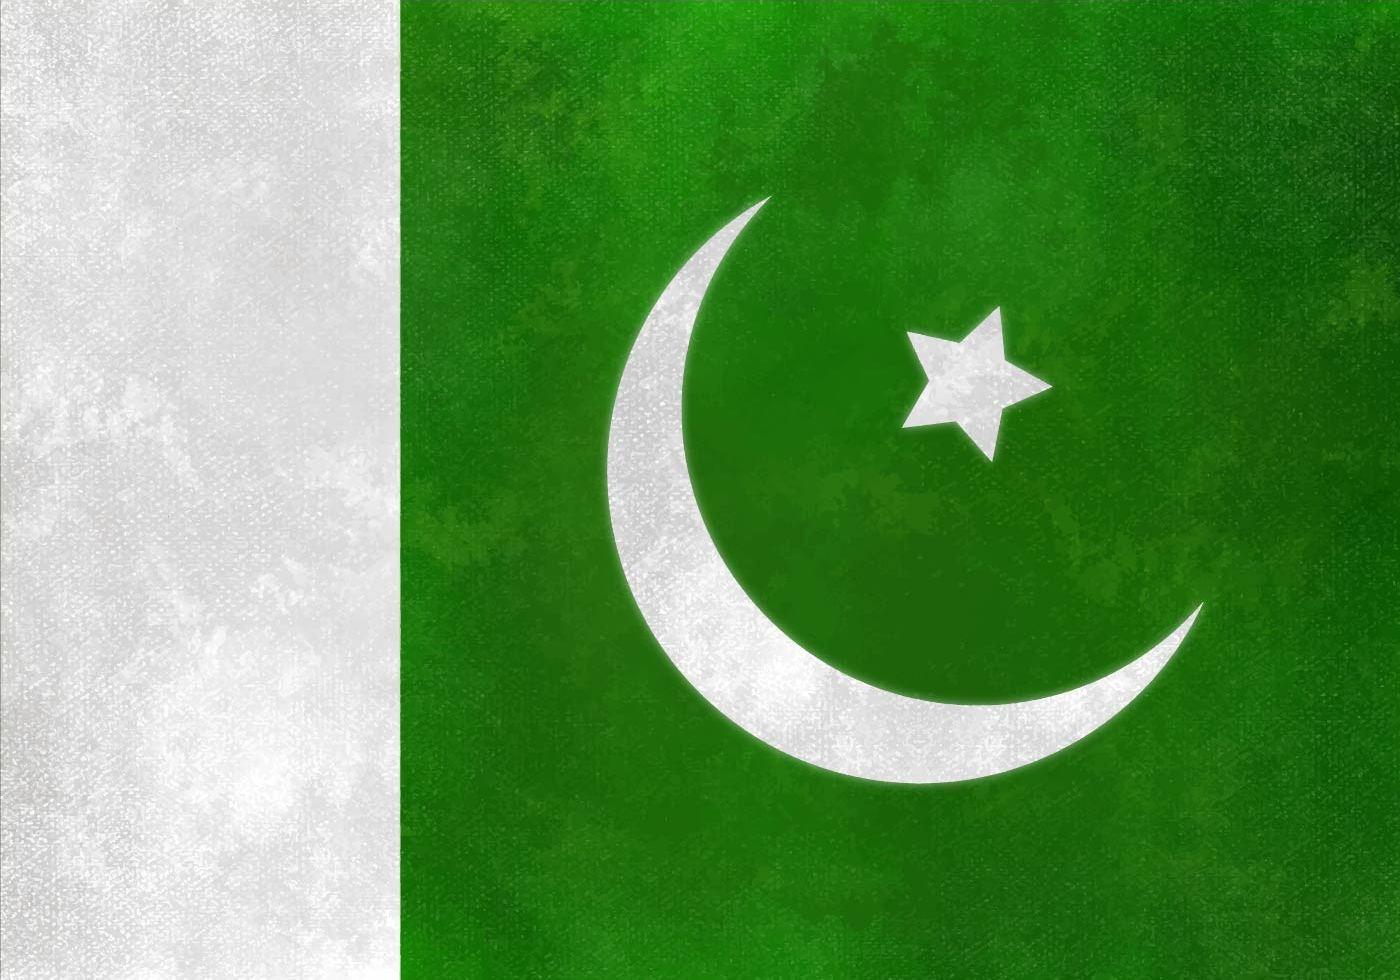 фото ЗакС политика СМИ: Пакистан вернет России советский долг в 93 млн долларов